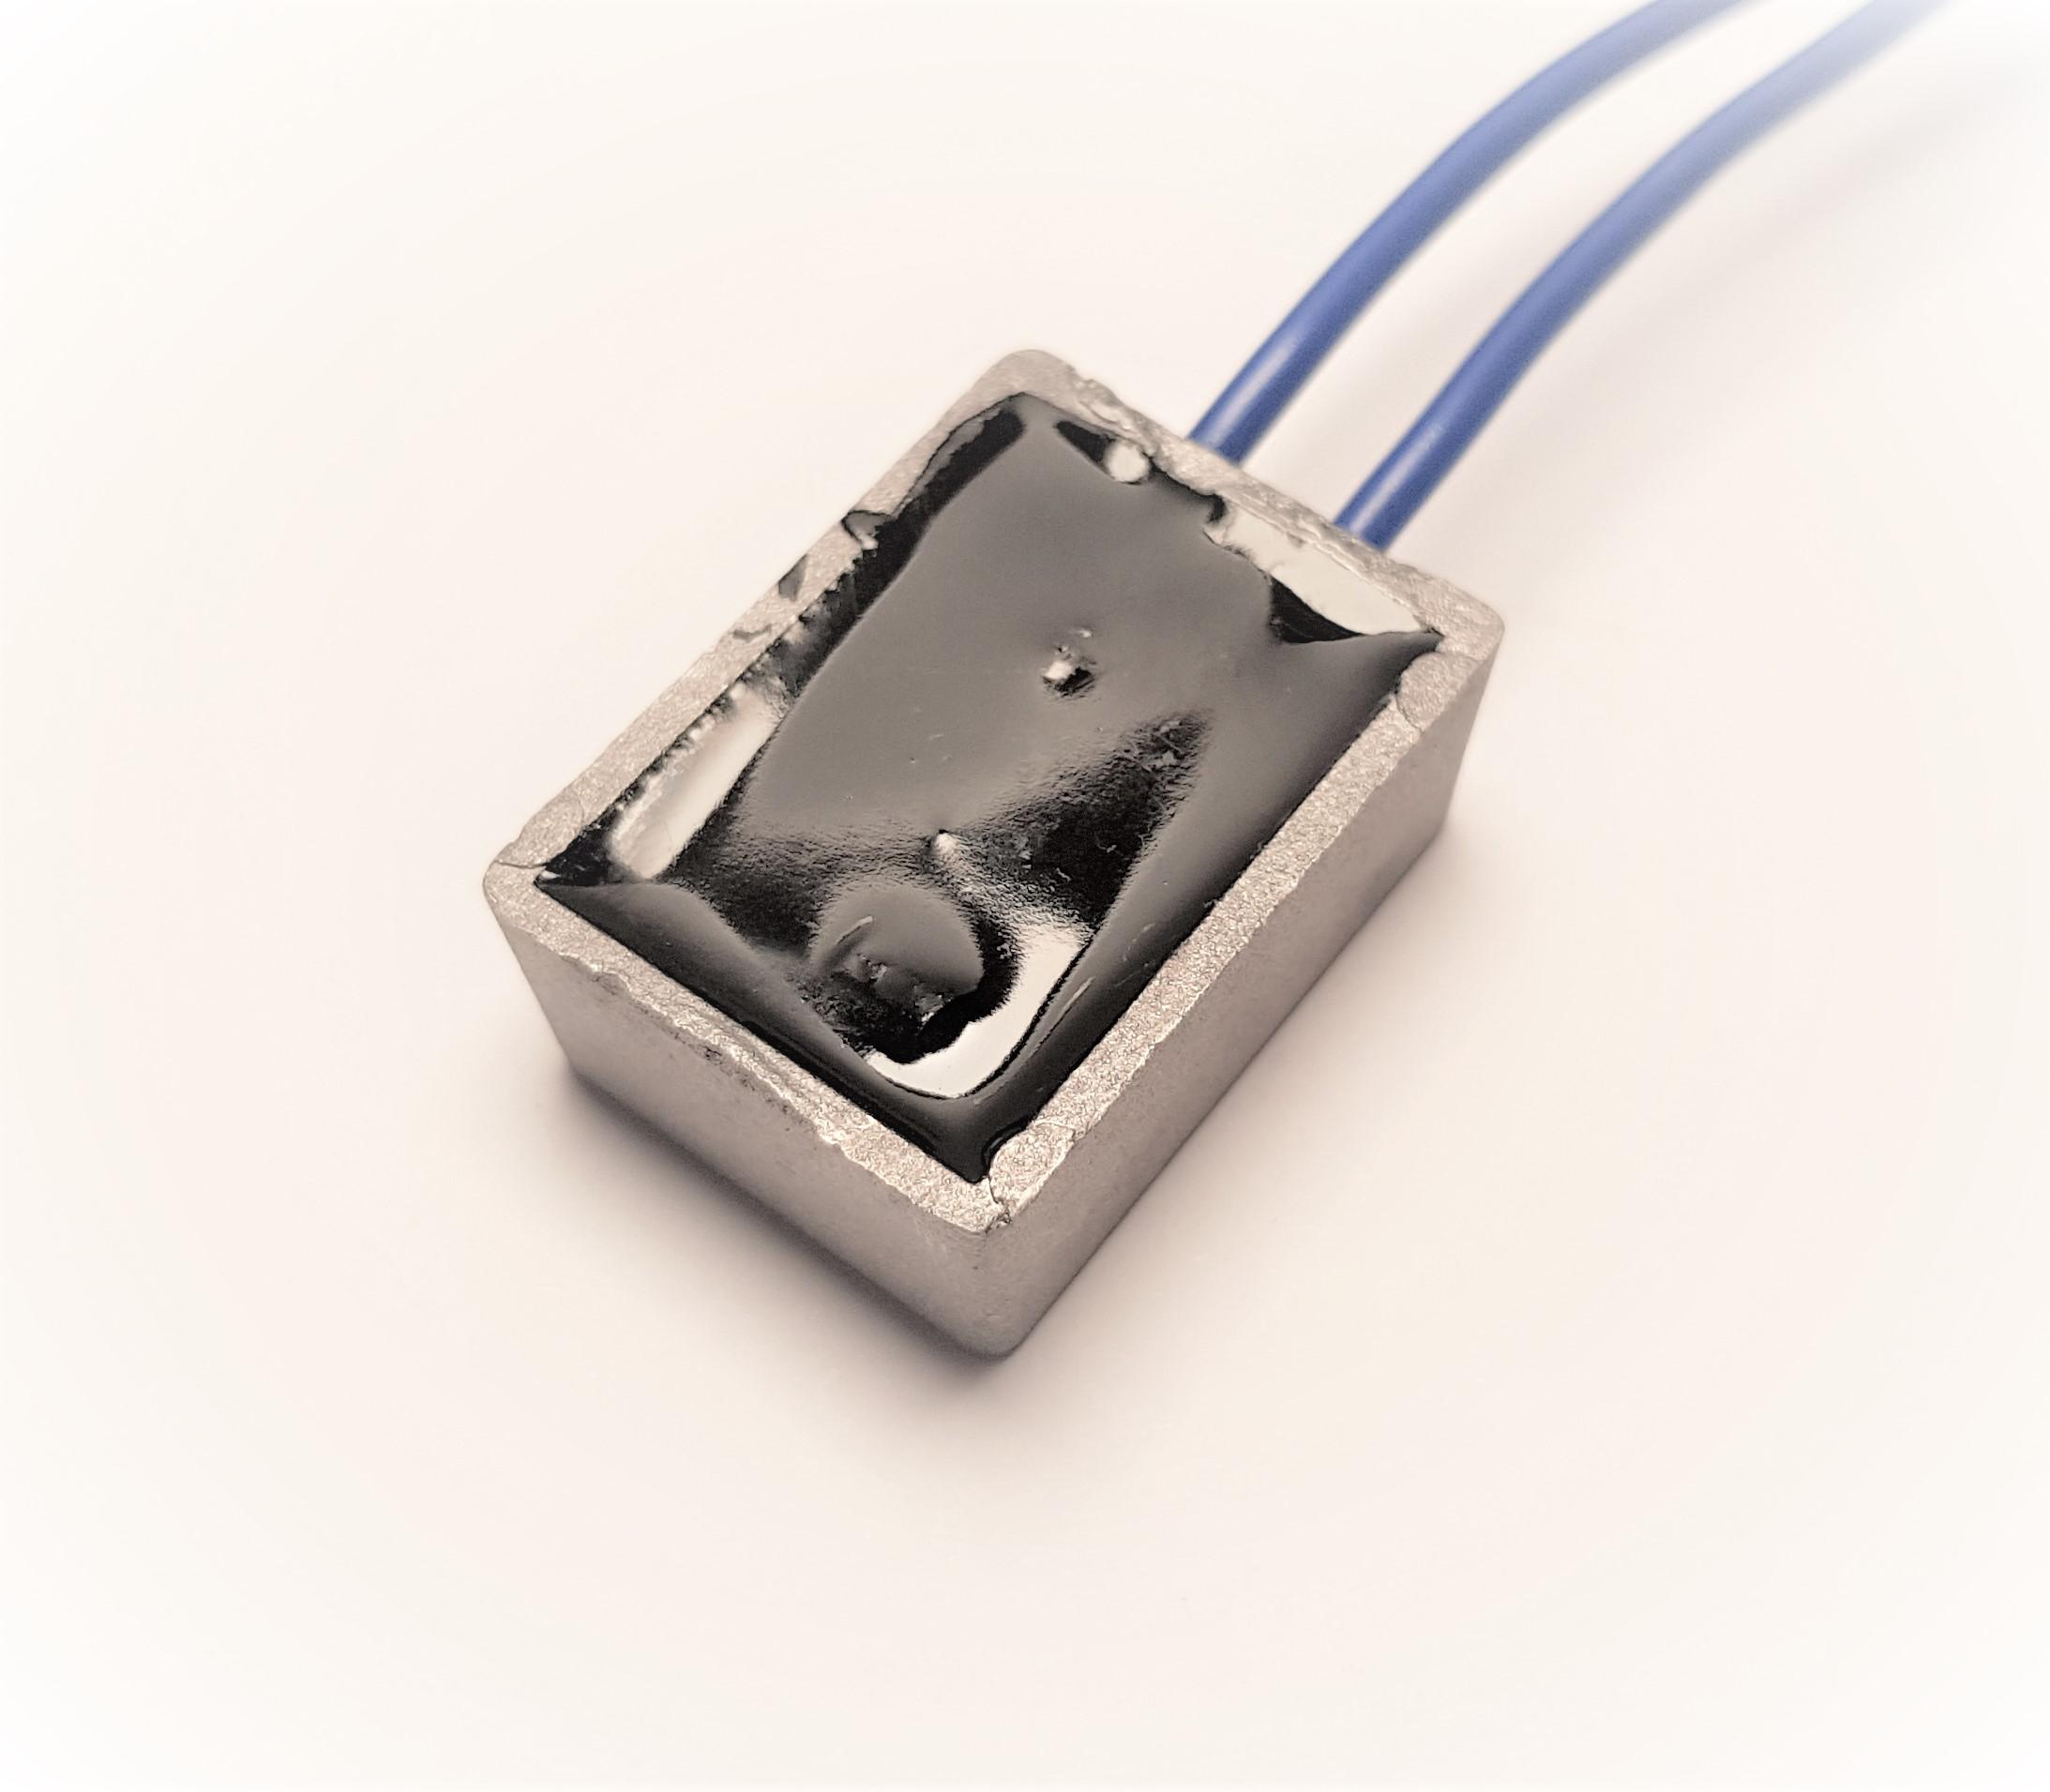 15A Sanftanlauf für Elektrowerkzeuge zb. Tischkreissägen 230V